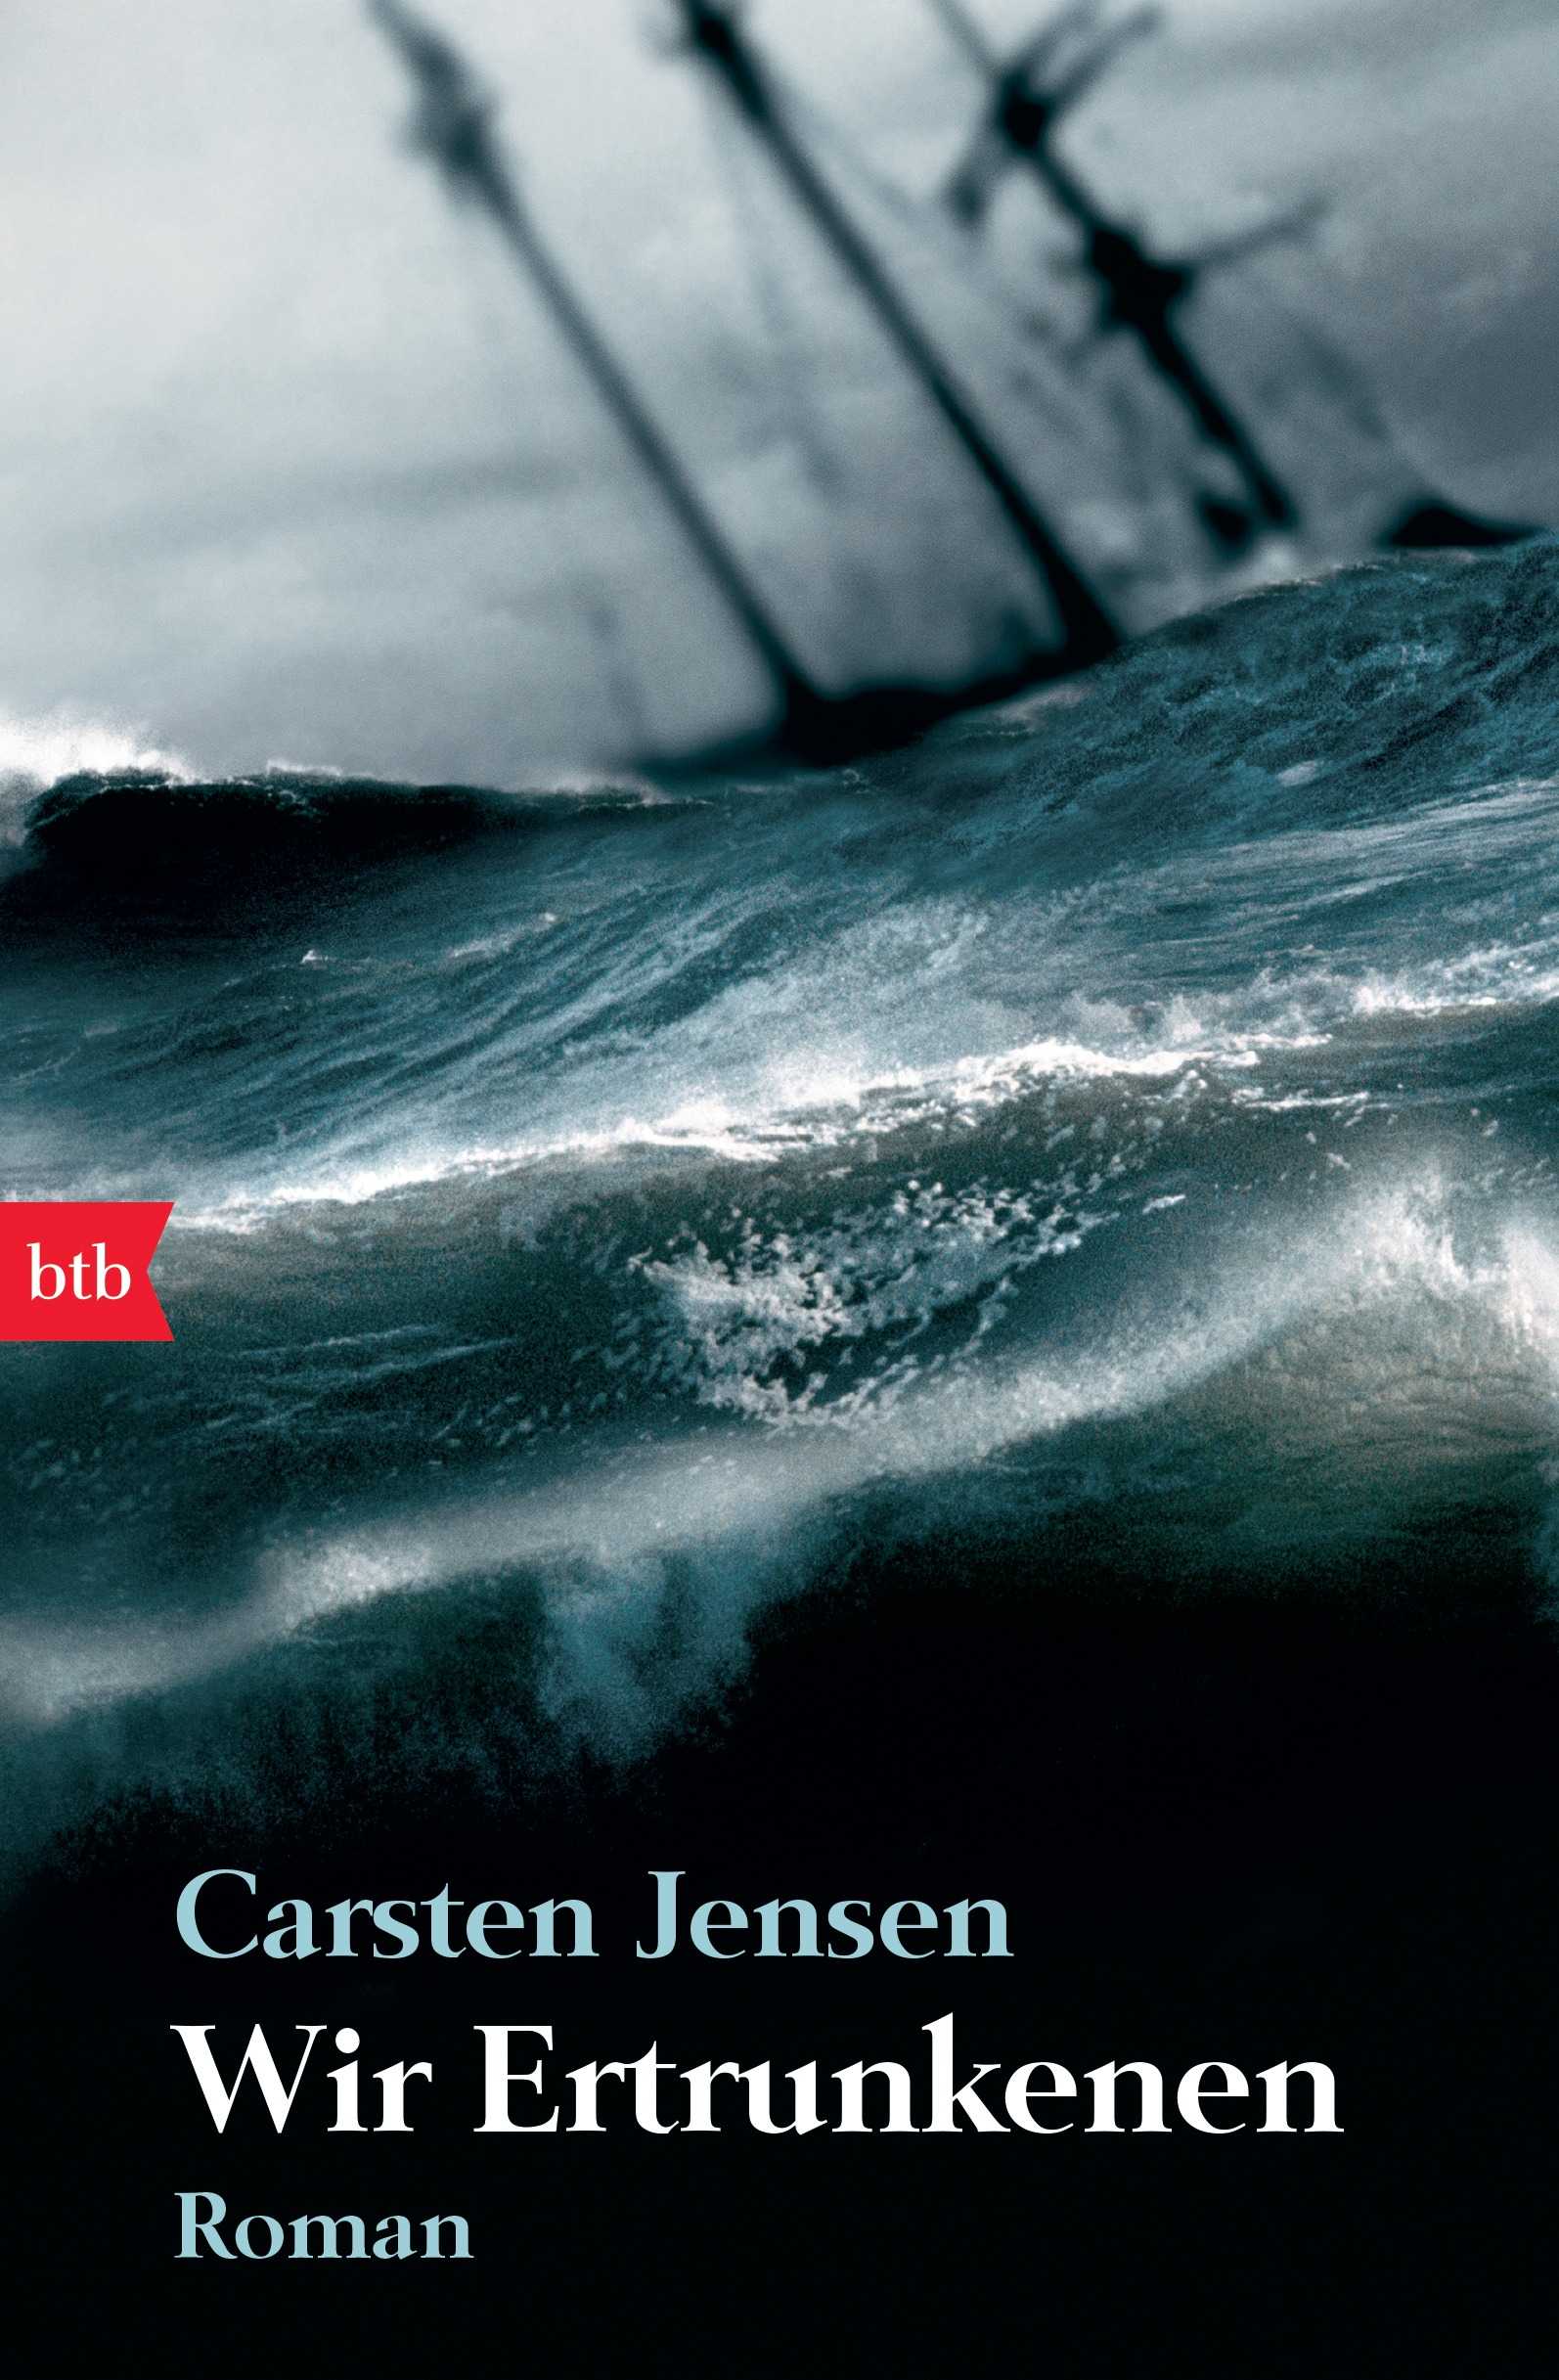 Wir Ertrunkenen von Carsten Jensen